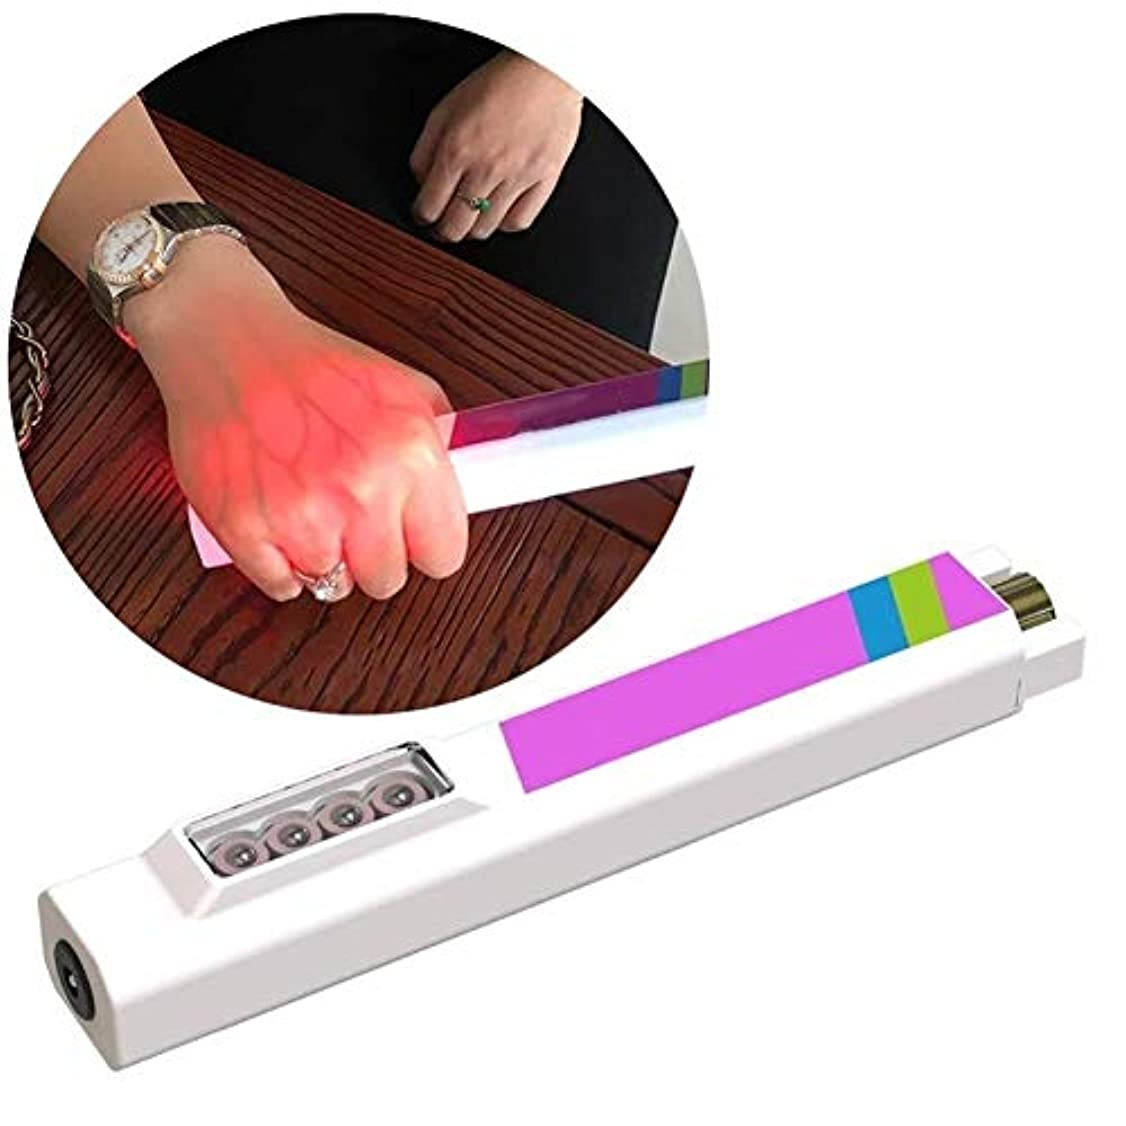 やりがいのあるパワーに話す静脈イメージング懐中電灯血管ディスプレイ懐中電灯手穿刺による血管ライトの確認皮下静脈デバイスの発見が容易